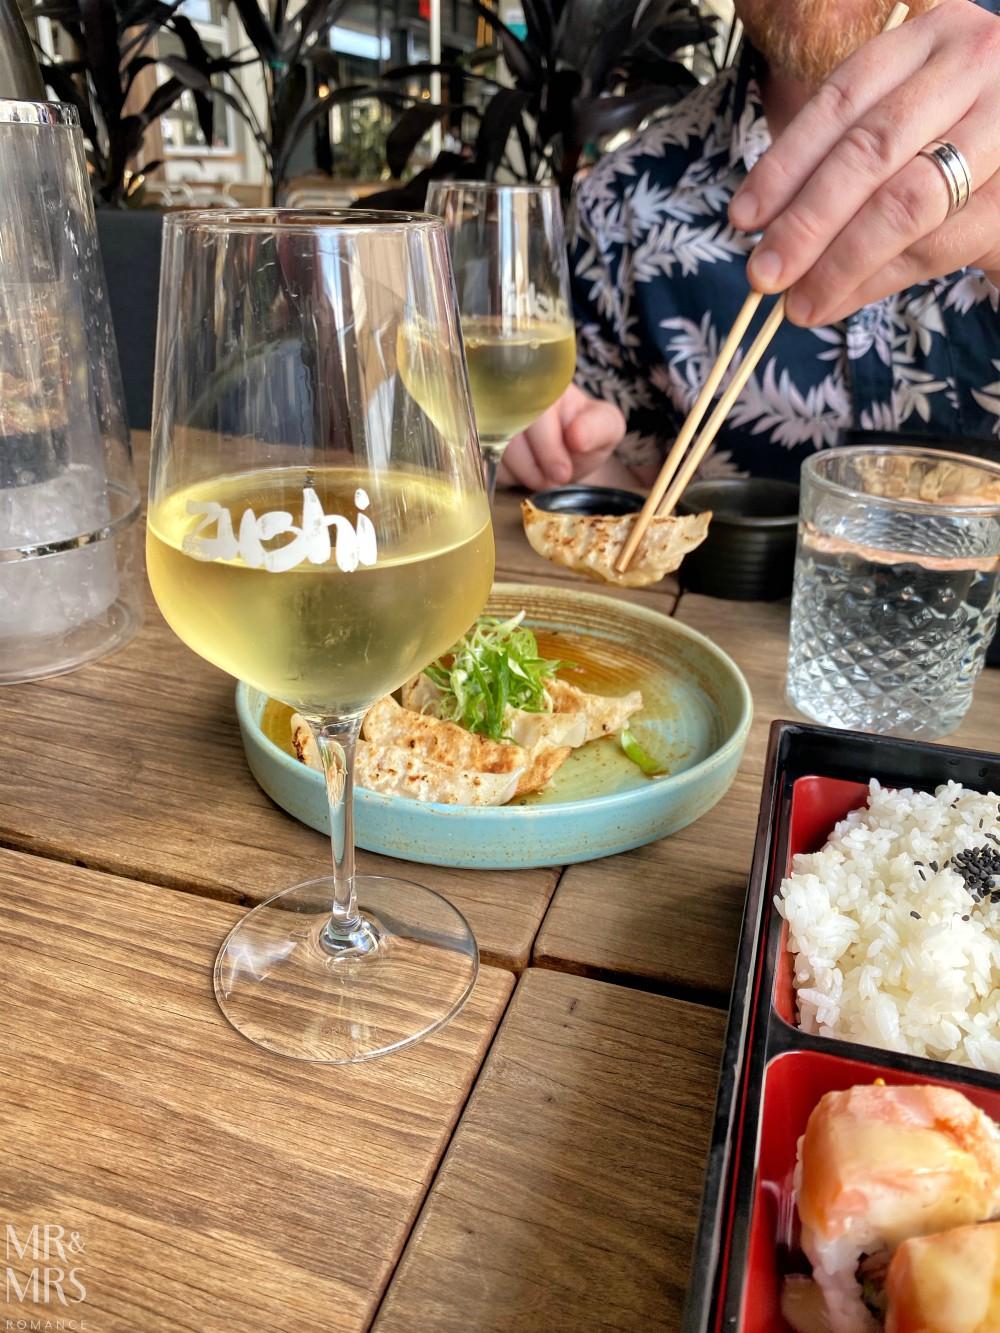 Zushi lunch